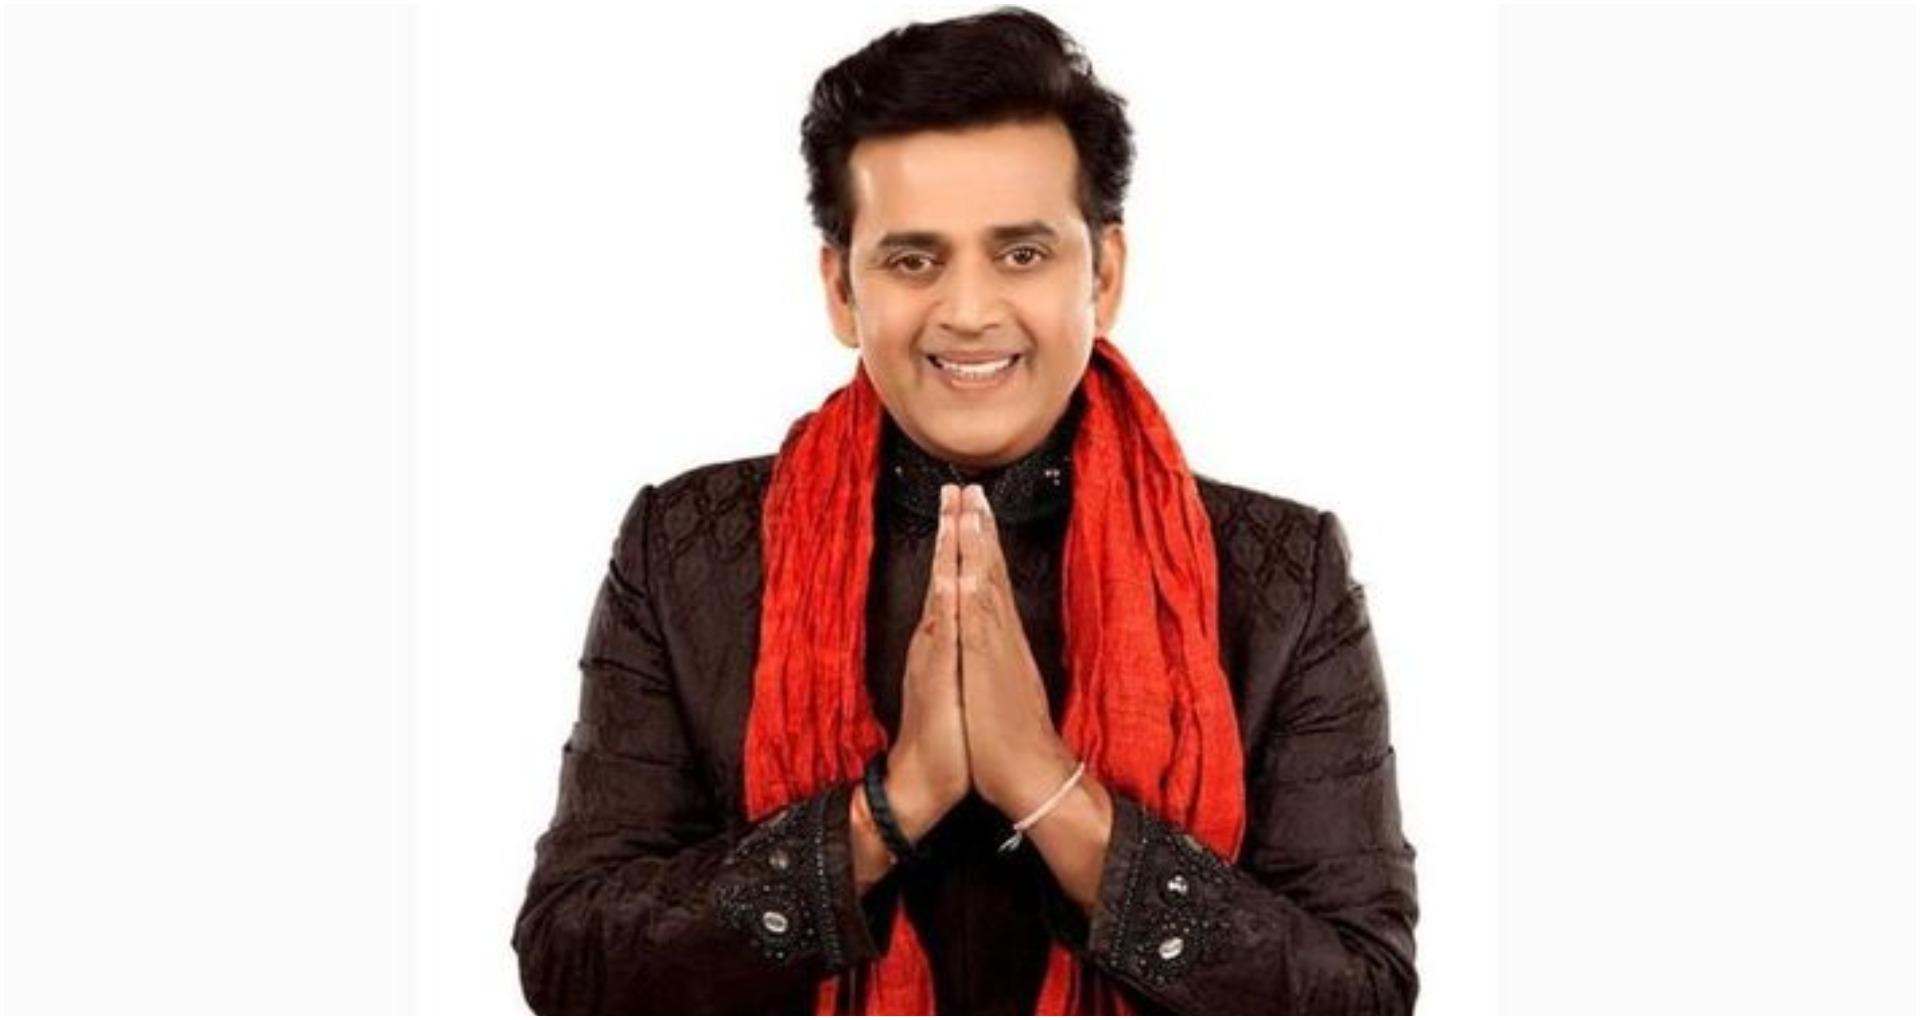 Birthday Special Ravi Kishan 5 Bhojpuri Song Goes Viral On Internet - Ravi Kishan Birthday: सुपरस्टार से राजनेता बने रवि किशन के 5 वीडियो सॉन्ग, जिन्हें सुनकर बाग-बाग हो उठेगा दिल -